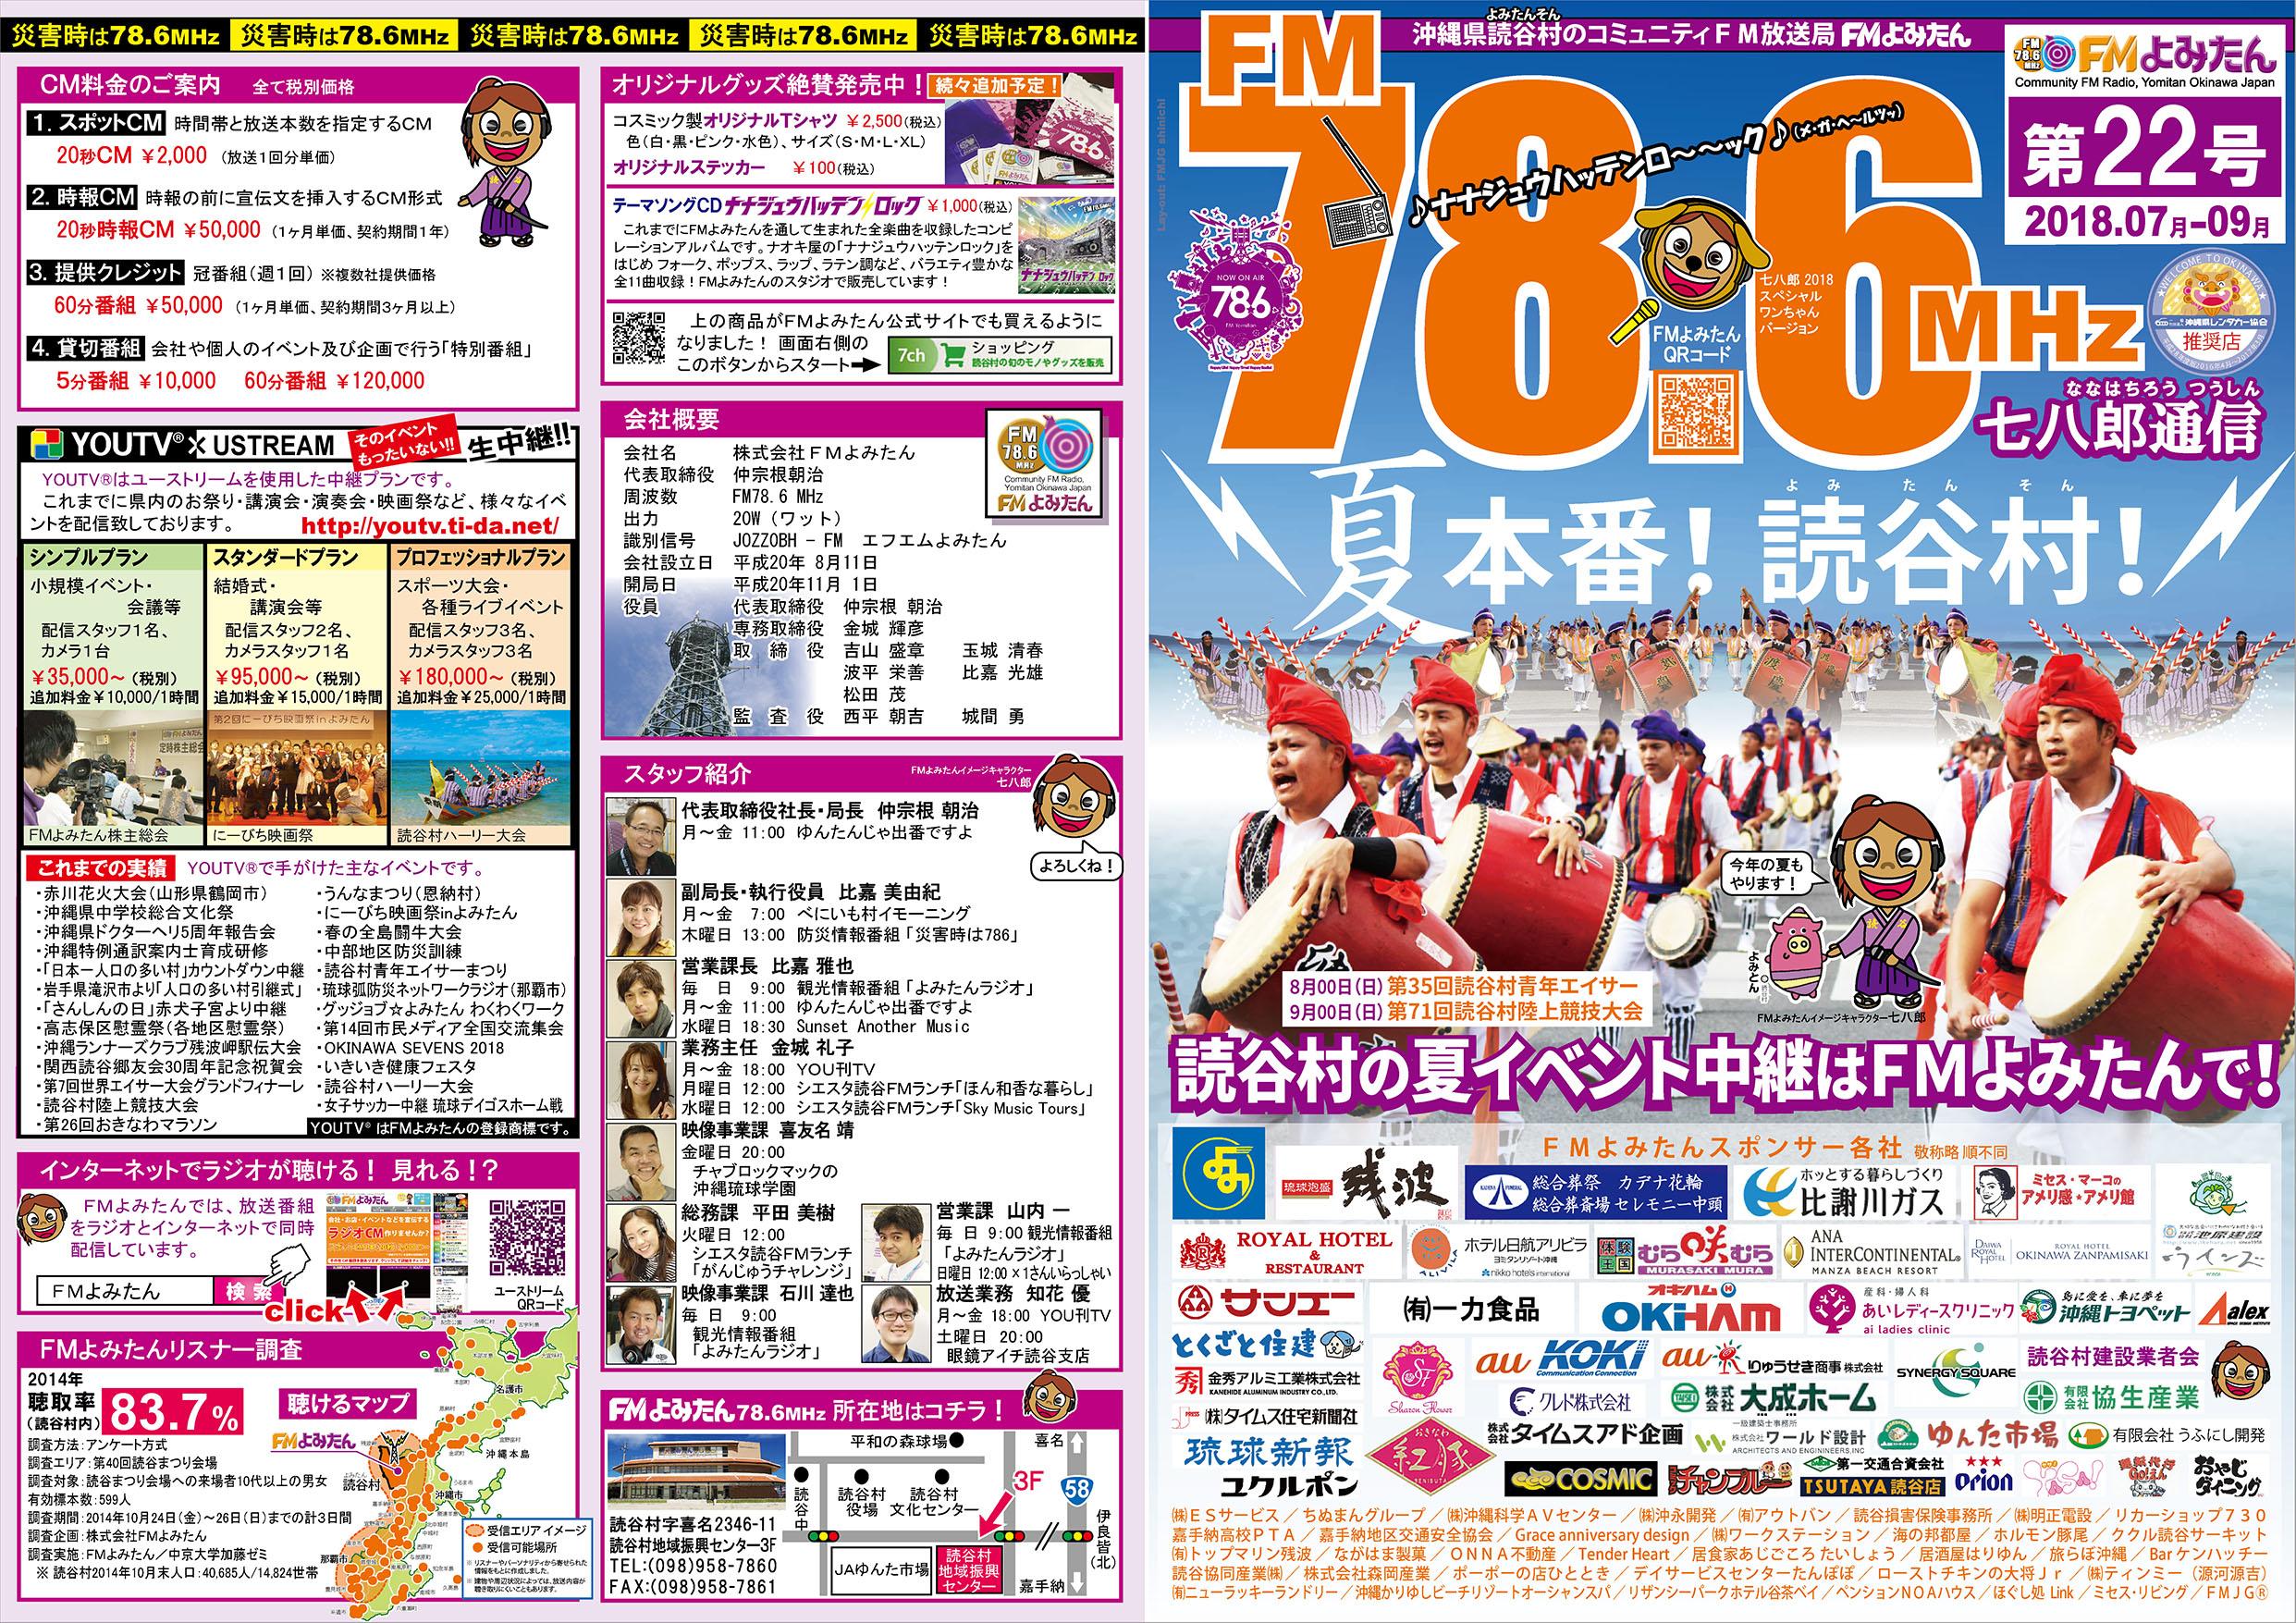 22号A3二つ折り_表(外側)1-9 (1)